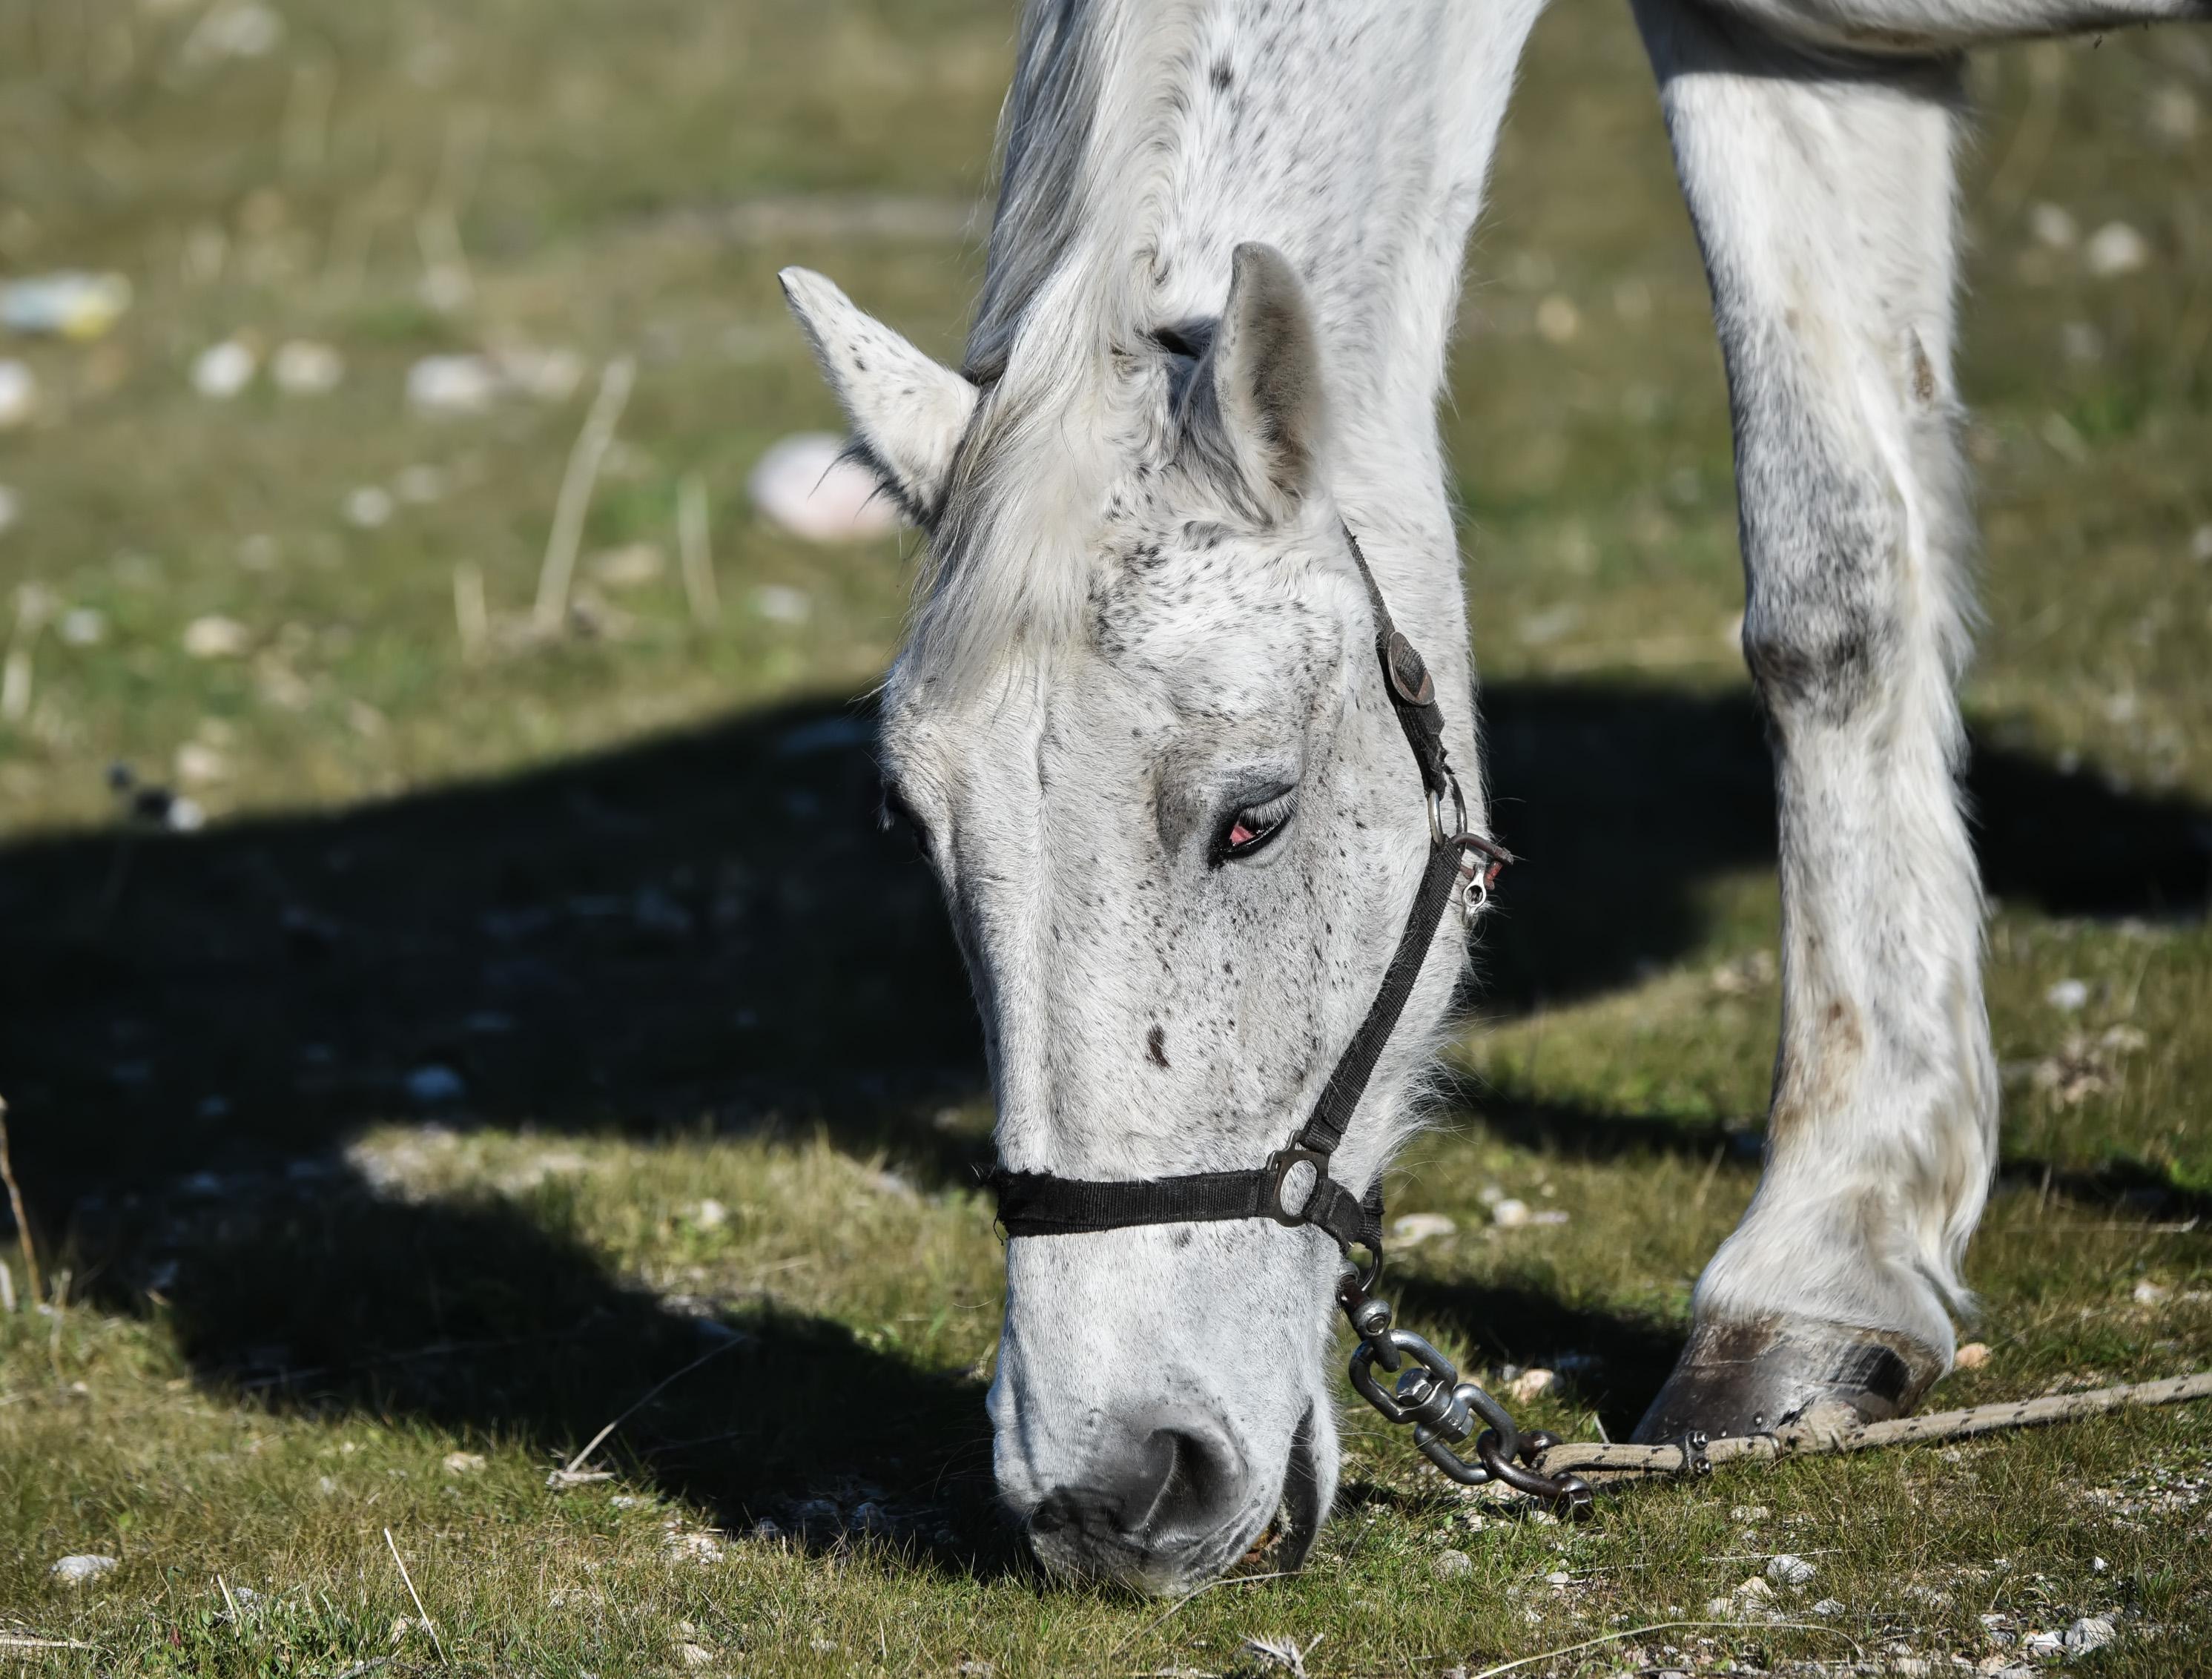 Άρτα: Κακοποίησαν και σκότωσαν με φρικτό τρόπο ένα πανέμορφο άλογο! Οργή για τη νέα κτηνωδία